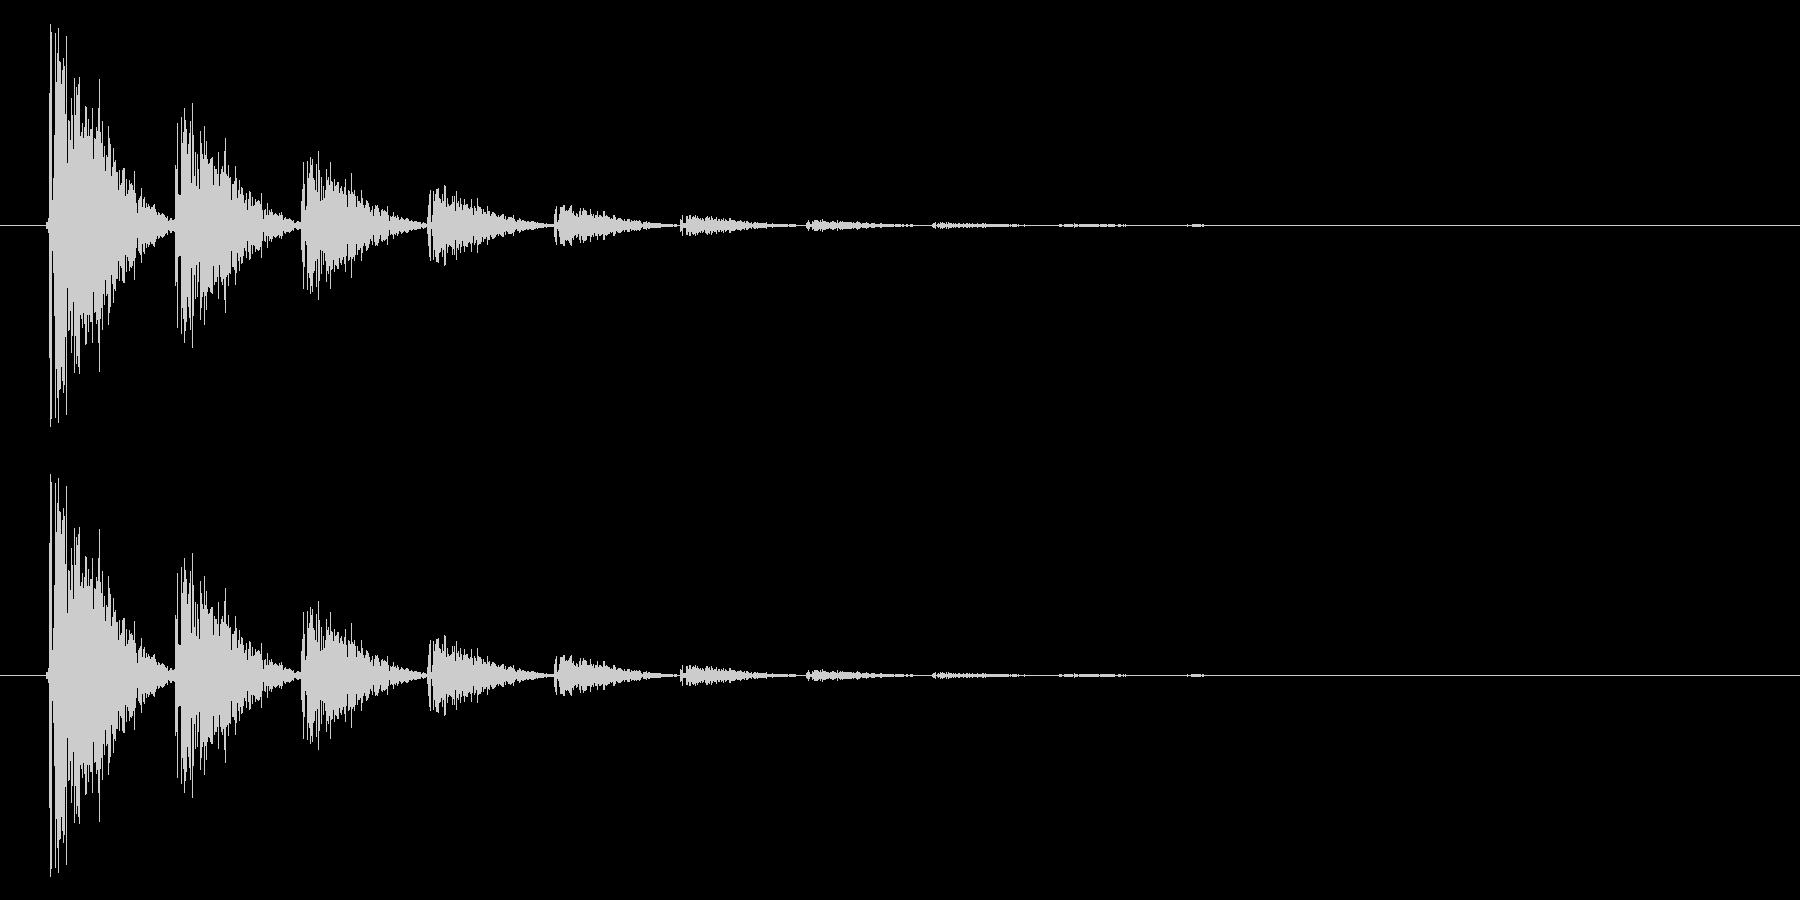 打撃08-6の未再生の波形